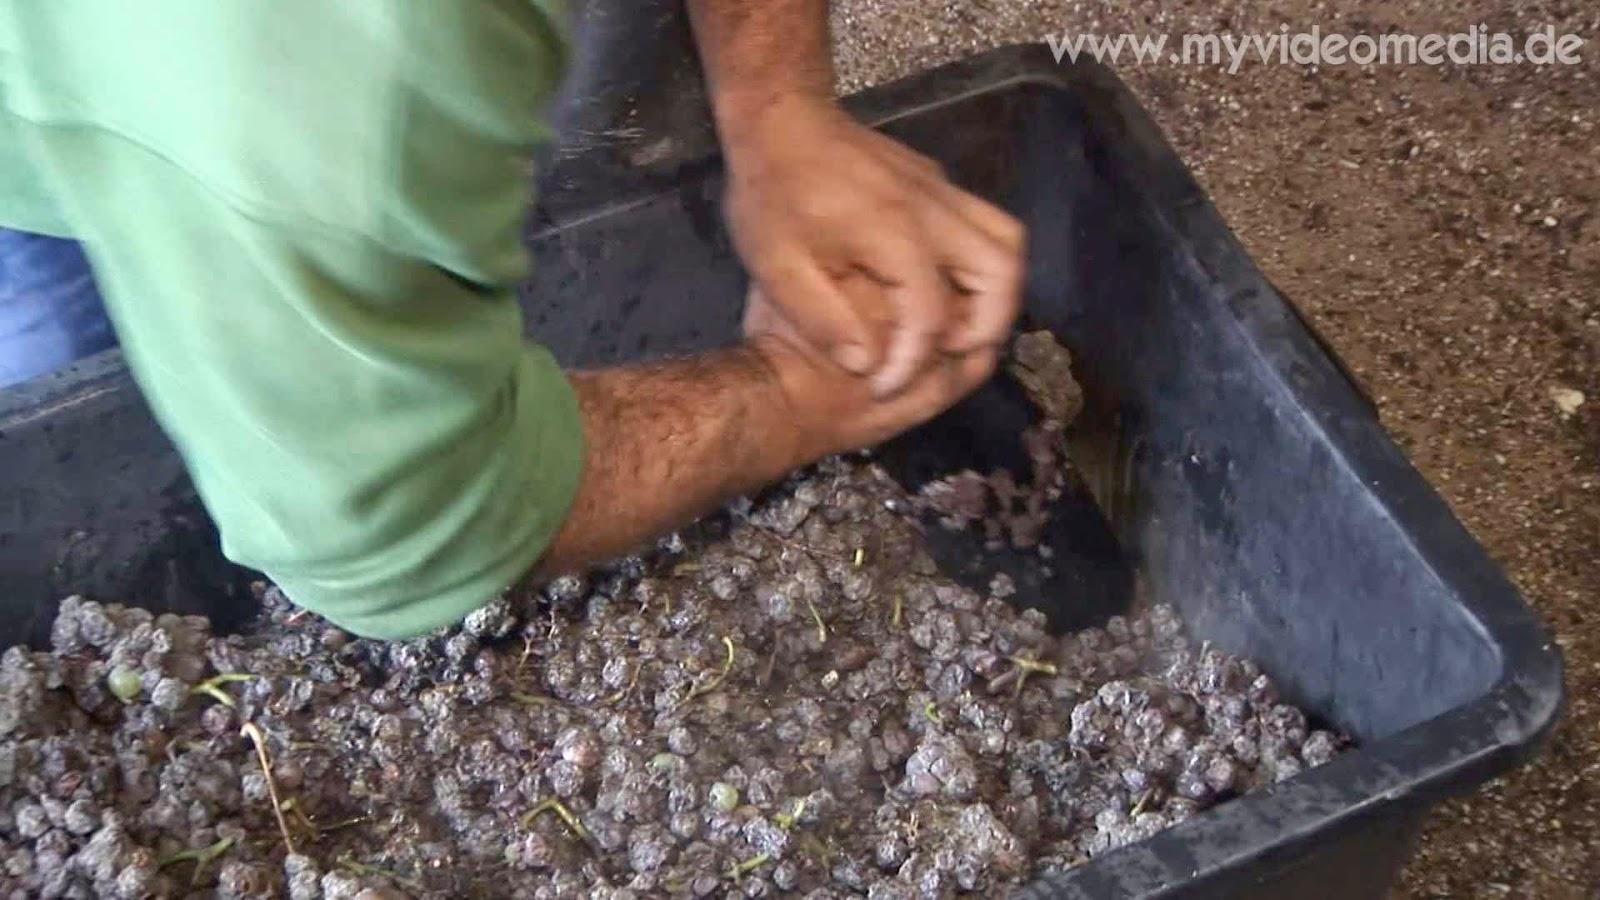 mashing the grapes